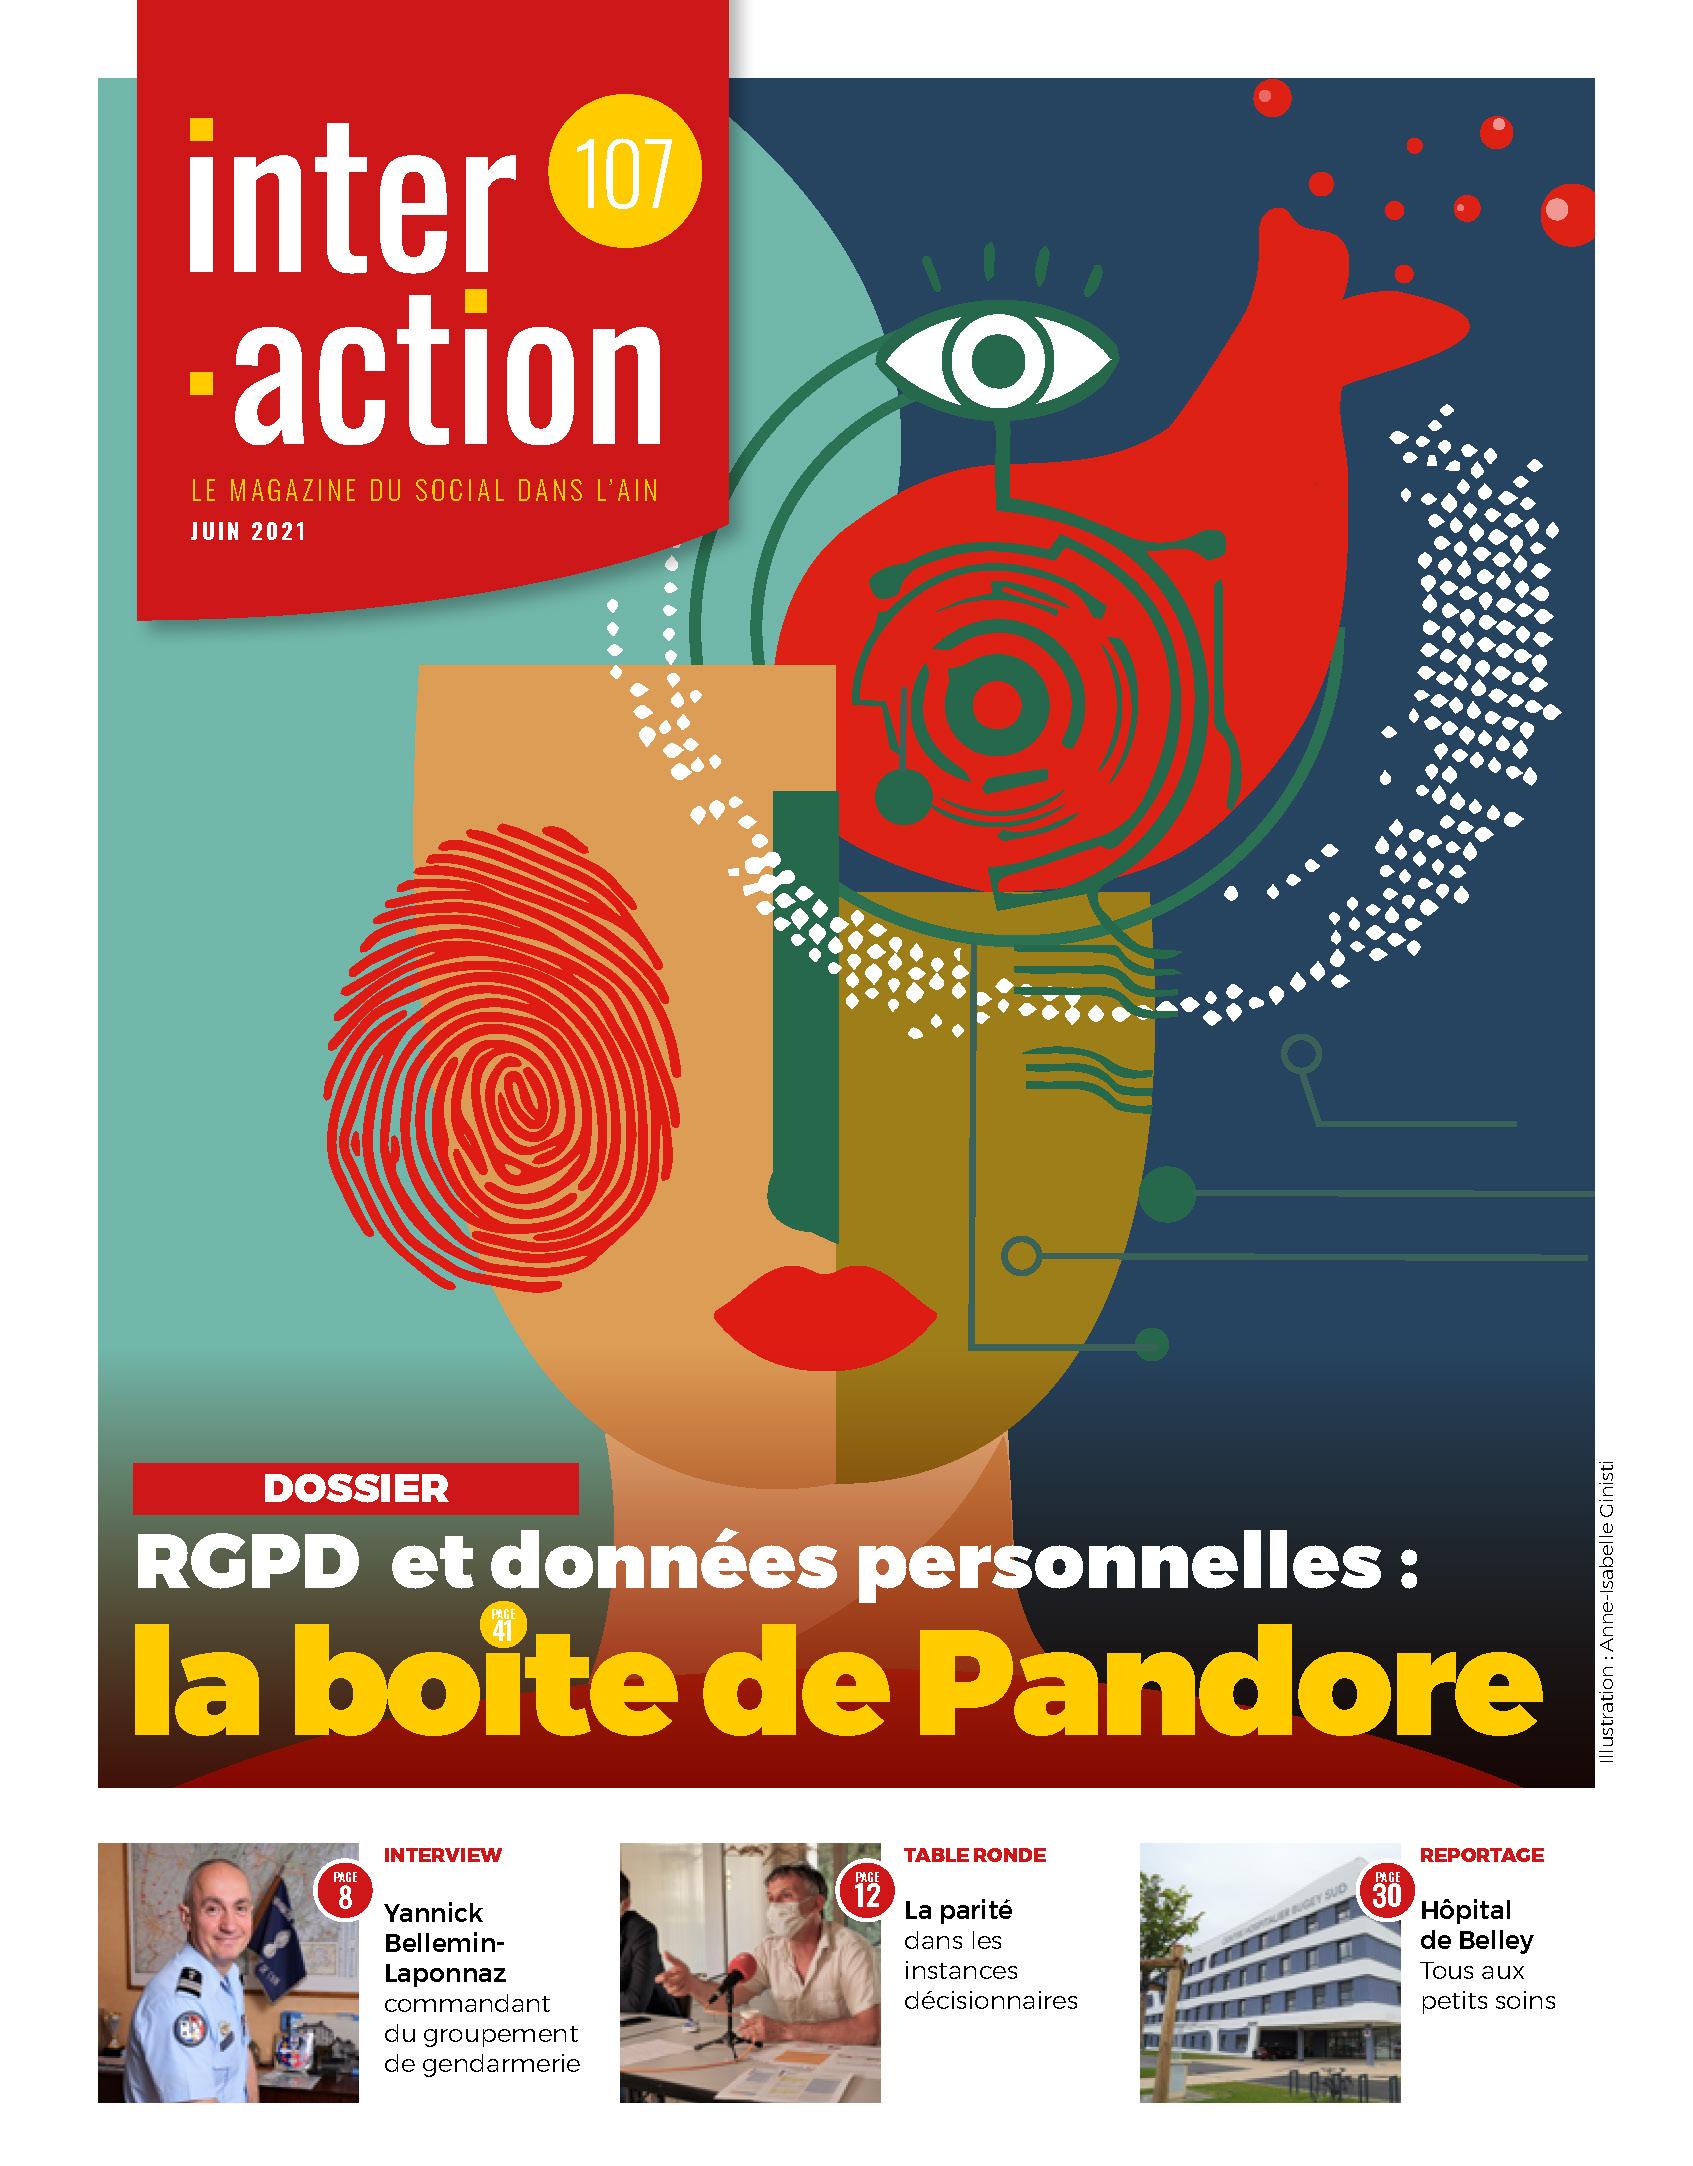 RGPD et données personnelles, la boîte de Pandore.